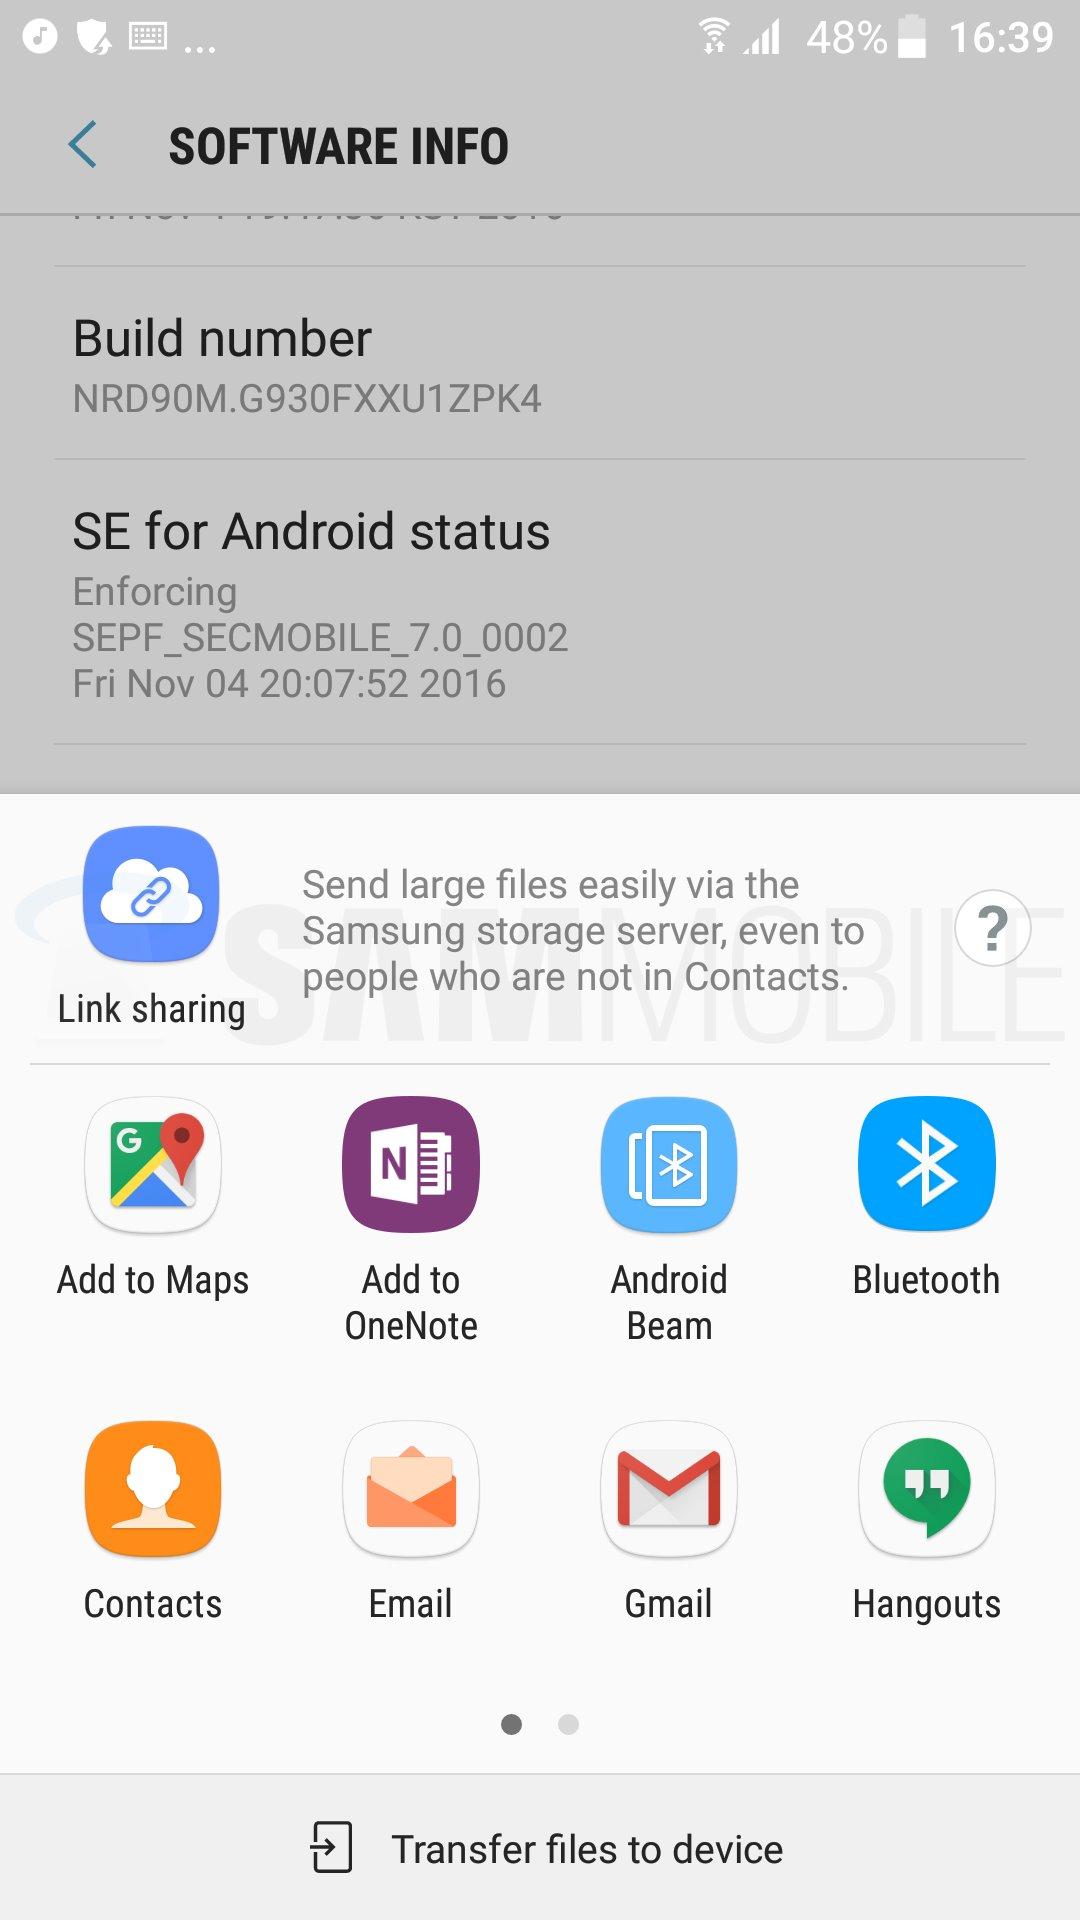 Samsung oficiálne spúšťa Galaxy Beta program s Androidom Nougat